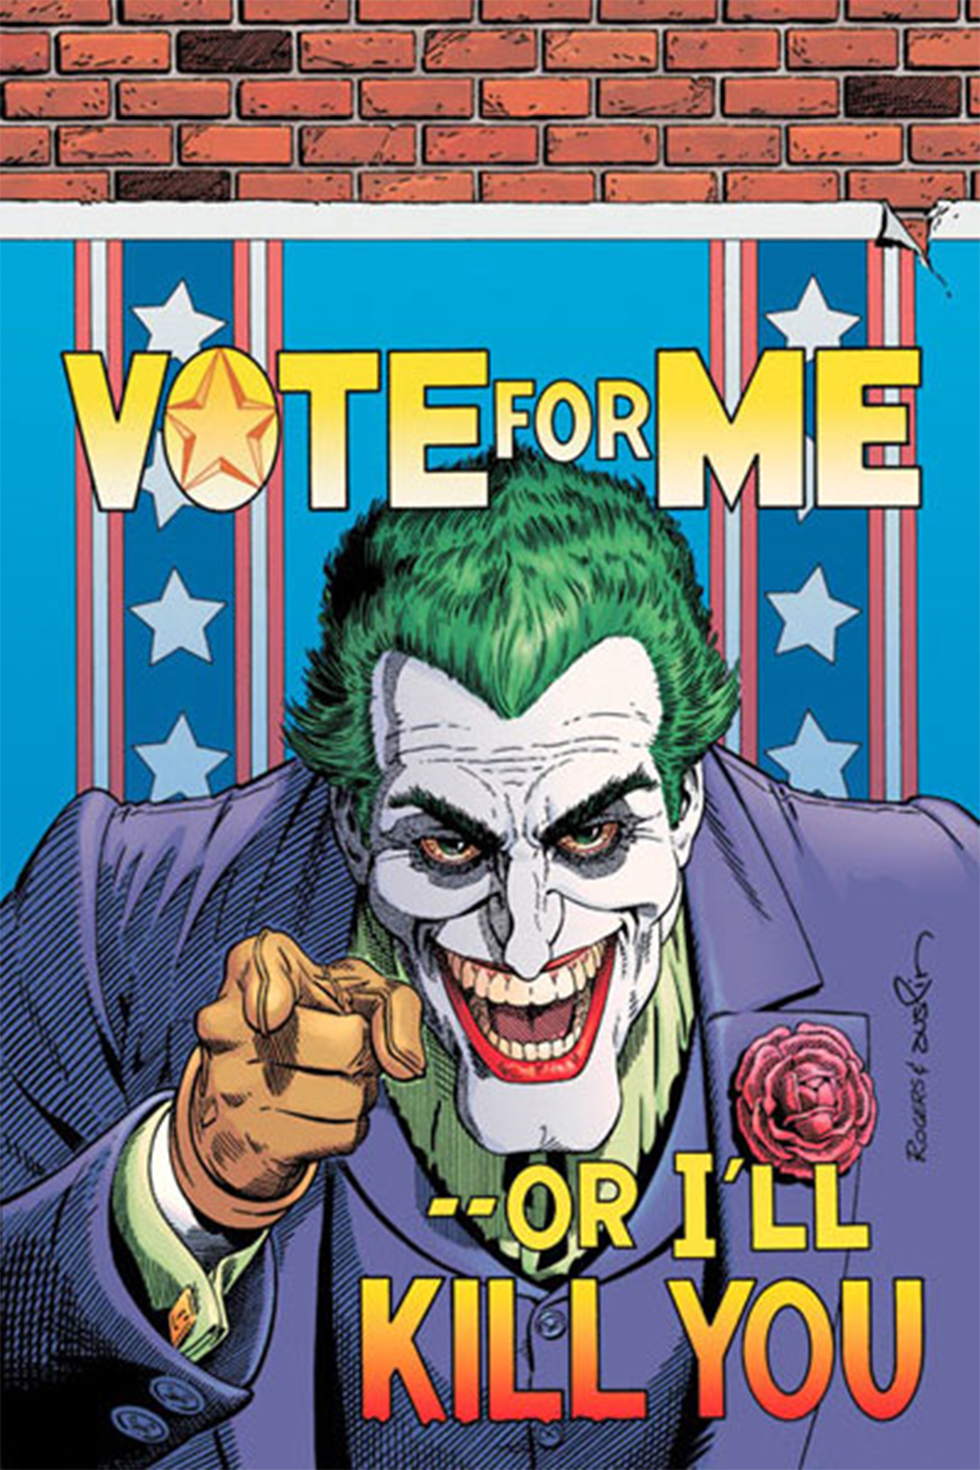 רוצים להצביע לו? הג'וקר לנשיאות ()